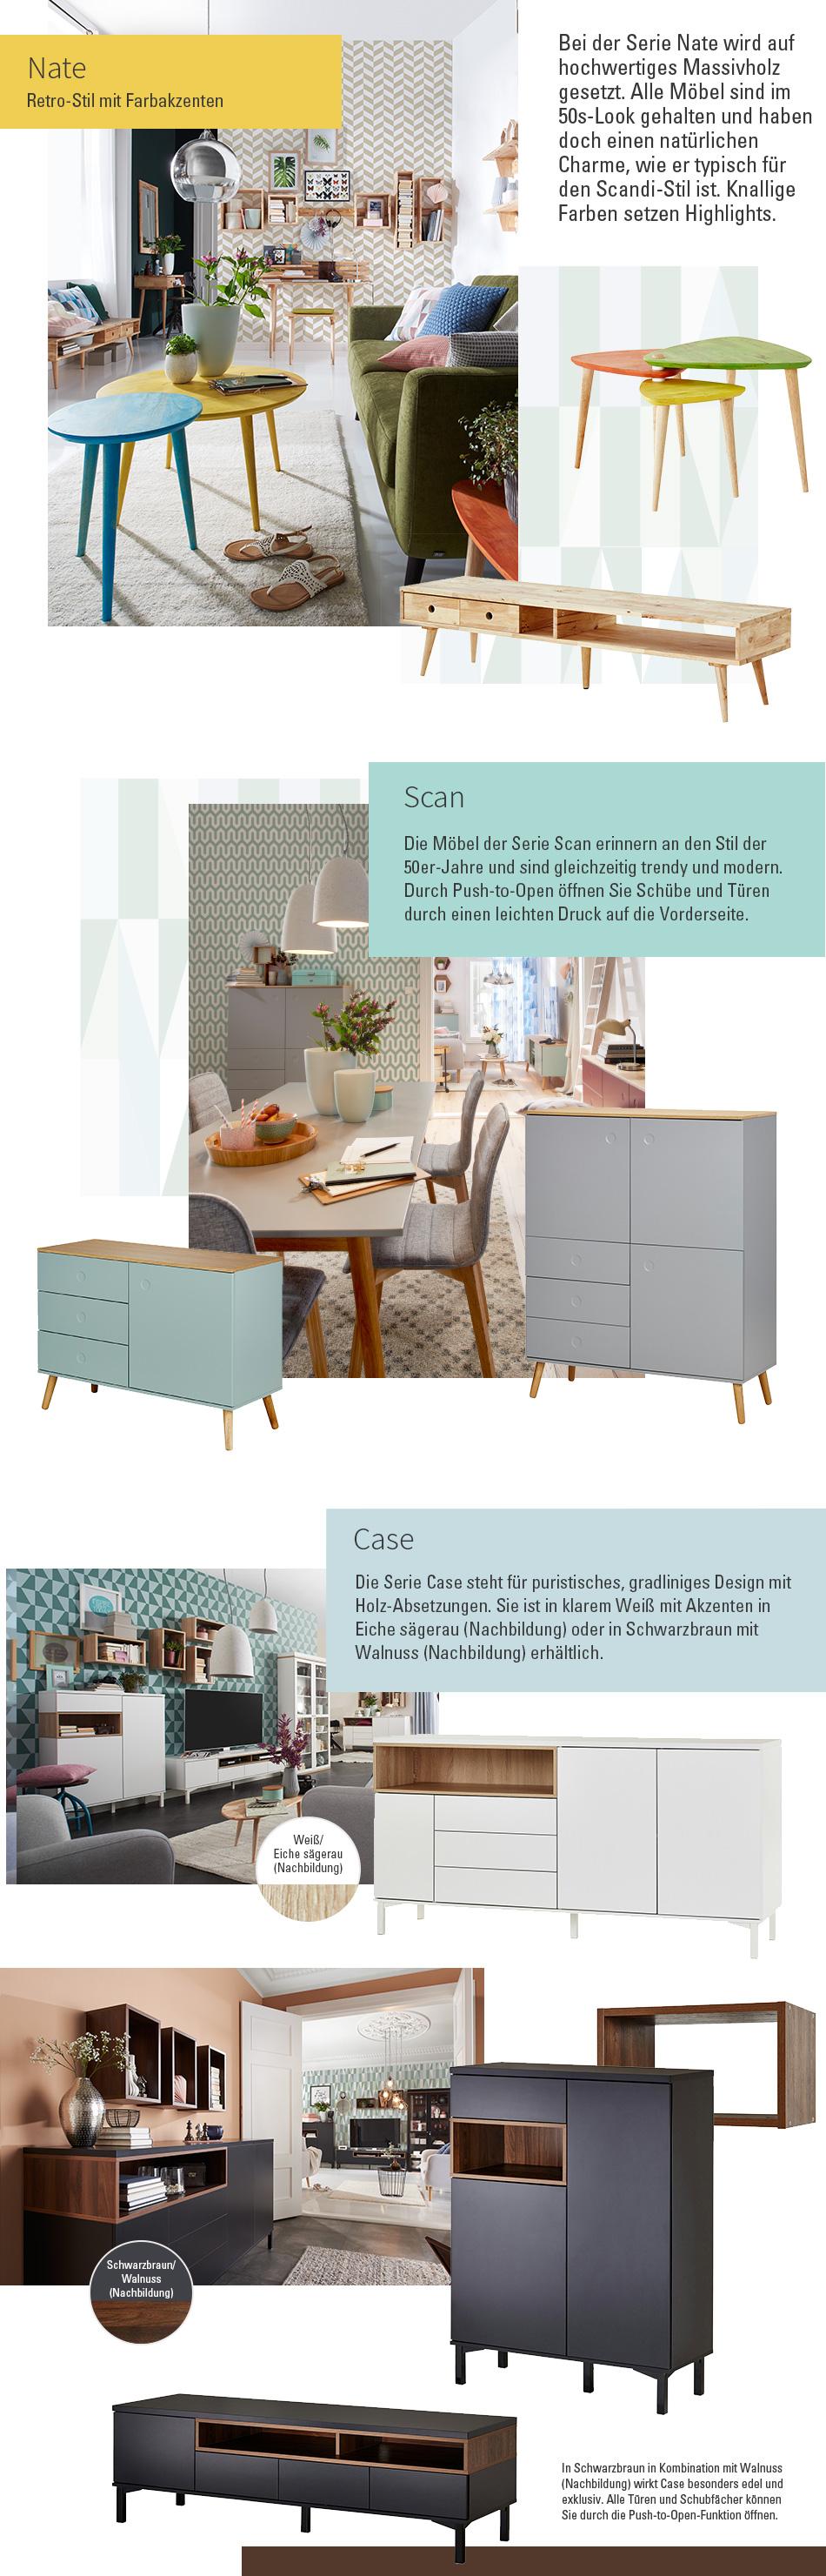 roomers m bel h ffner. Black Bedroom Furniture Sets. Home Design Ideas